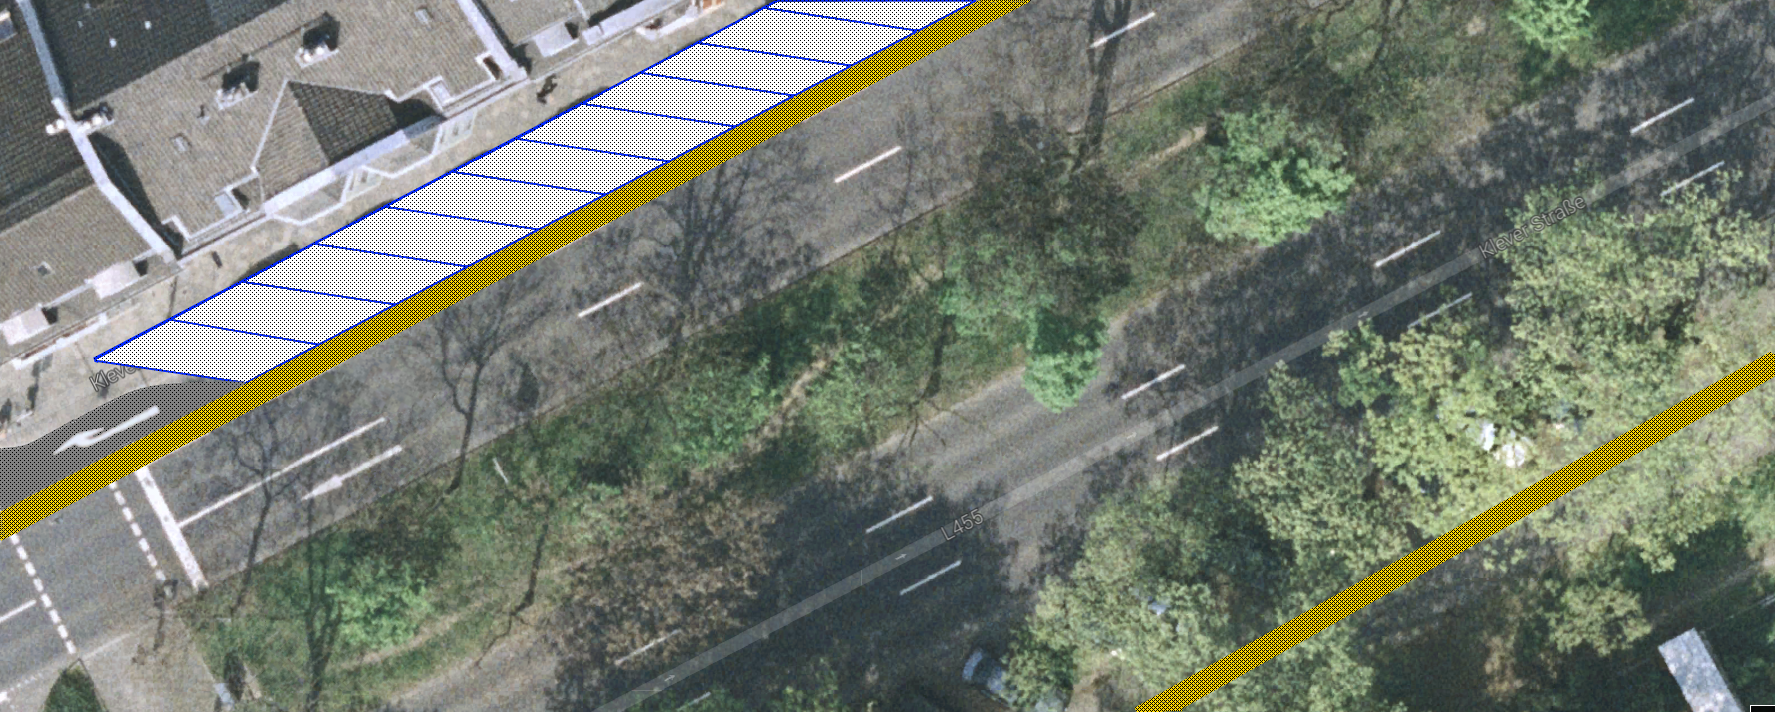 Radweg Klever Straße - Vorschlag im Detail